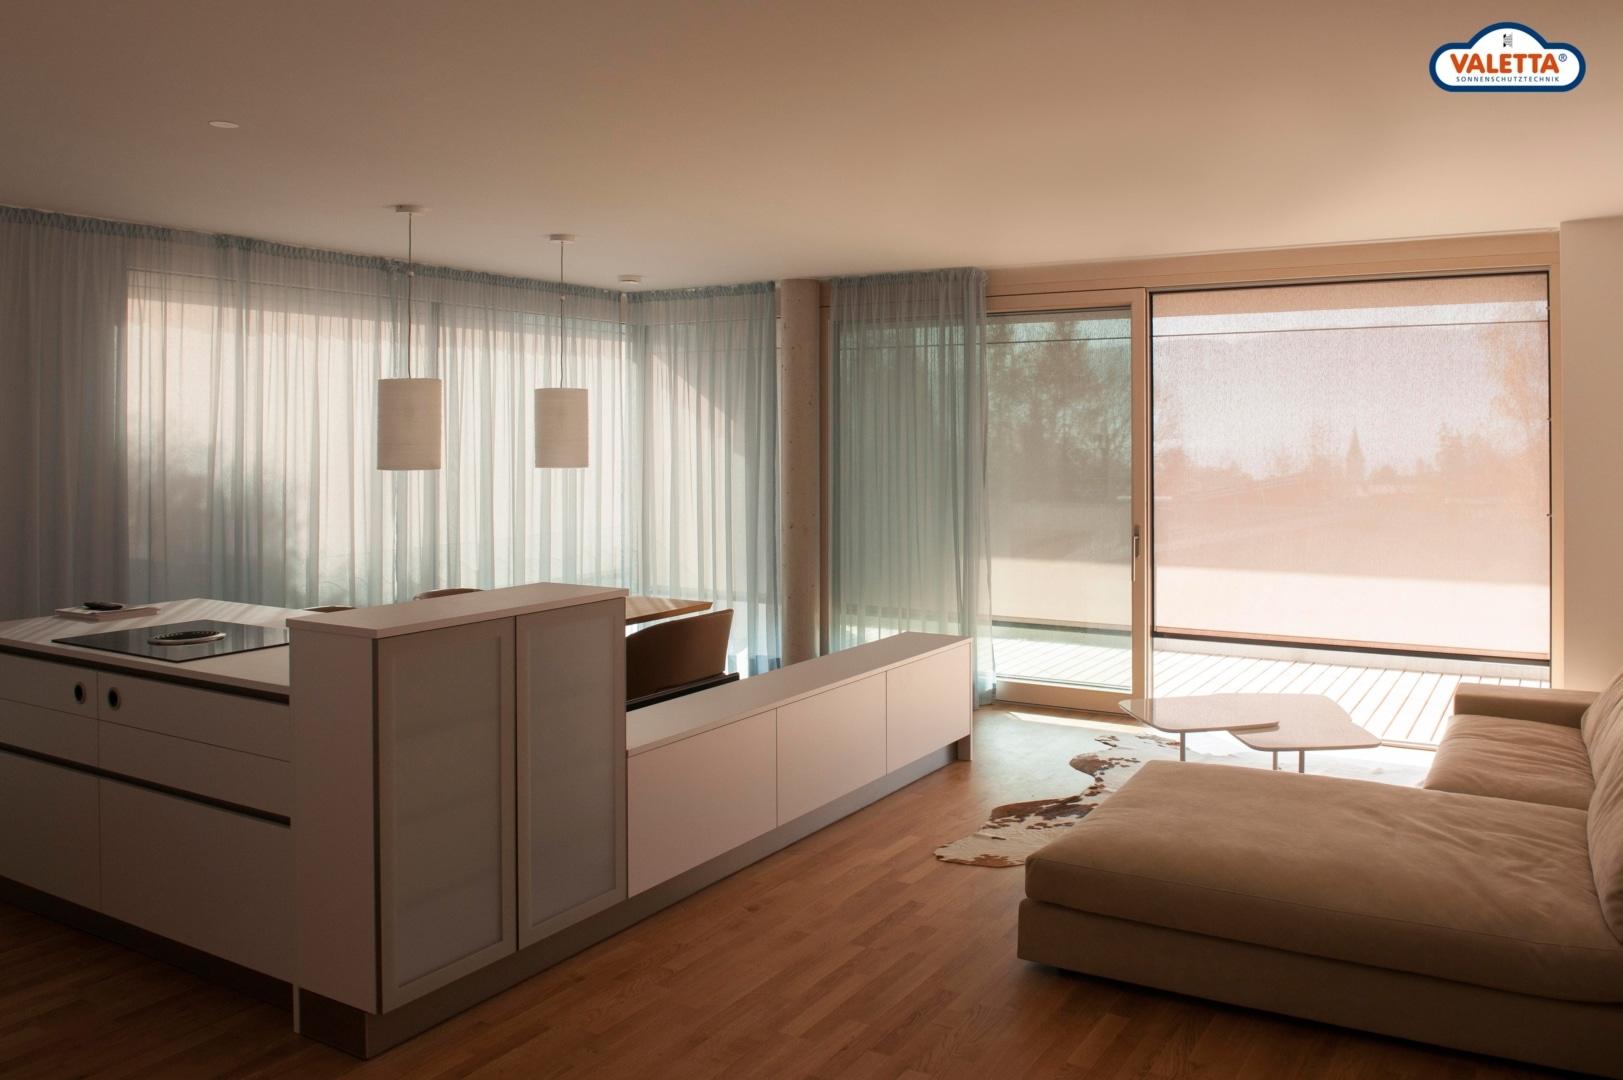 Sonnenschutz-Wohnzimmer